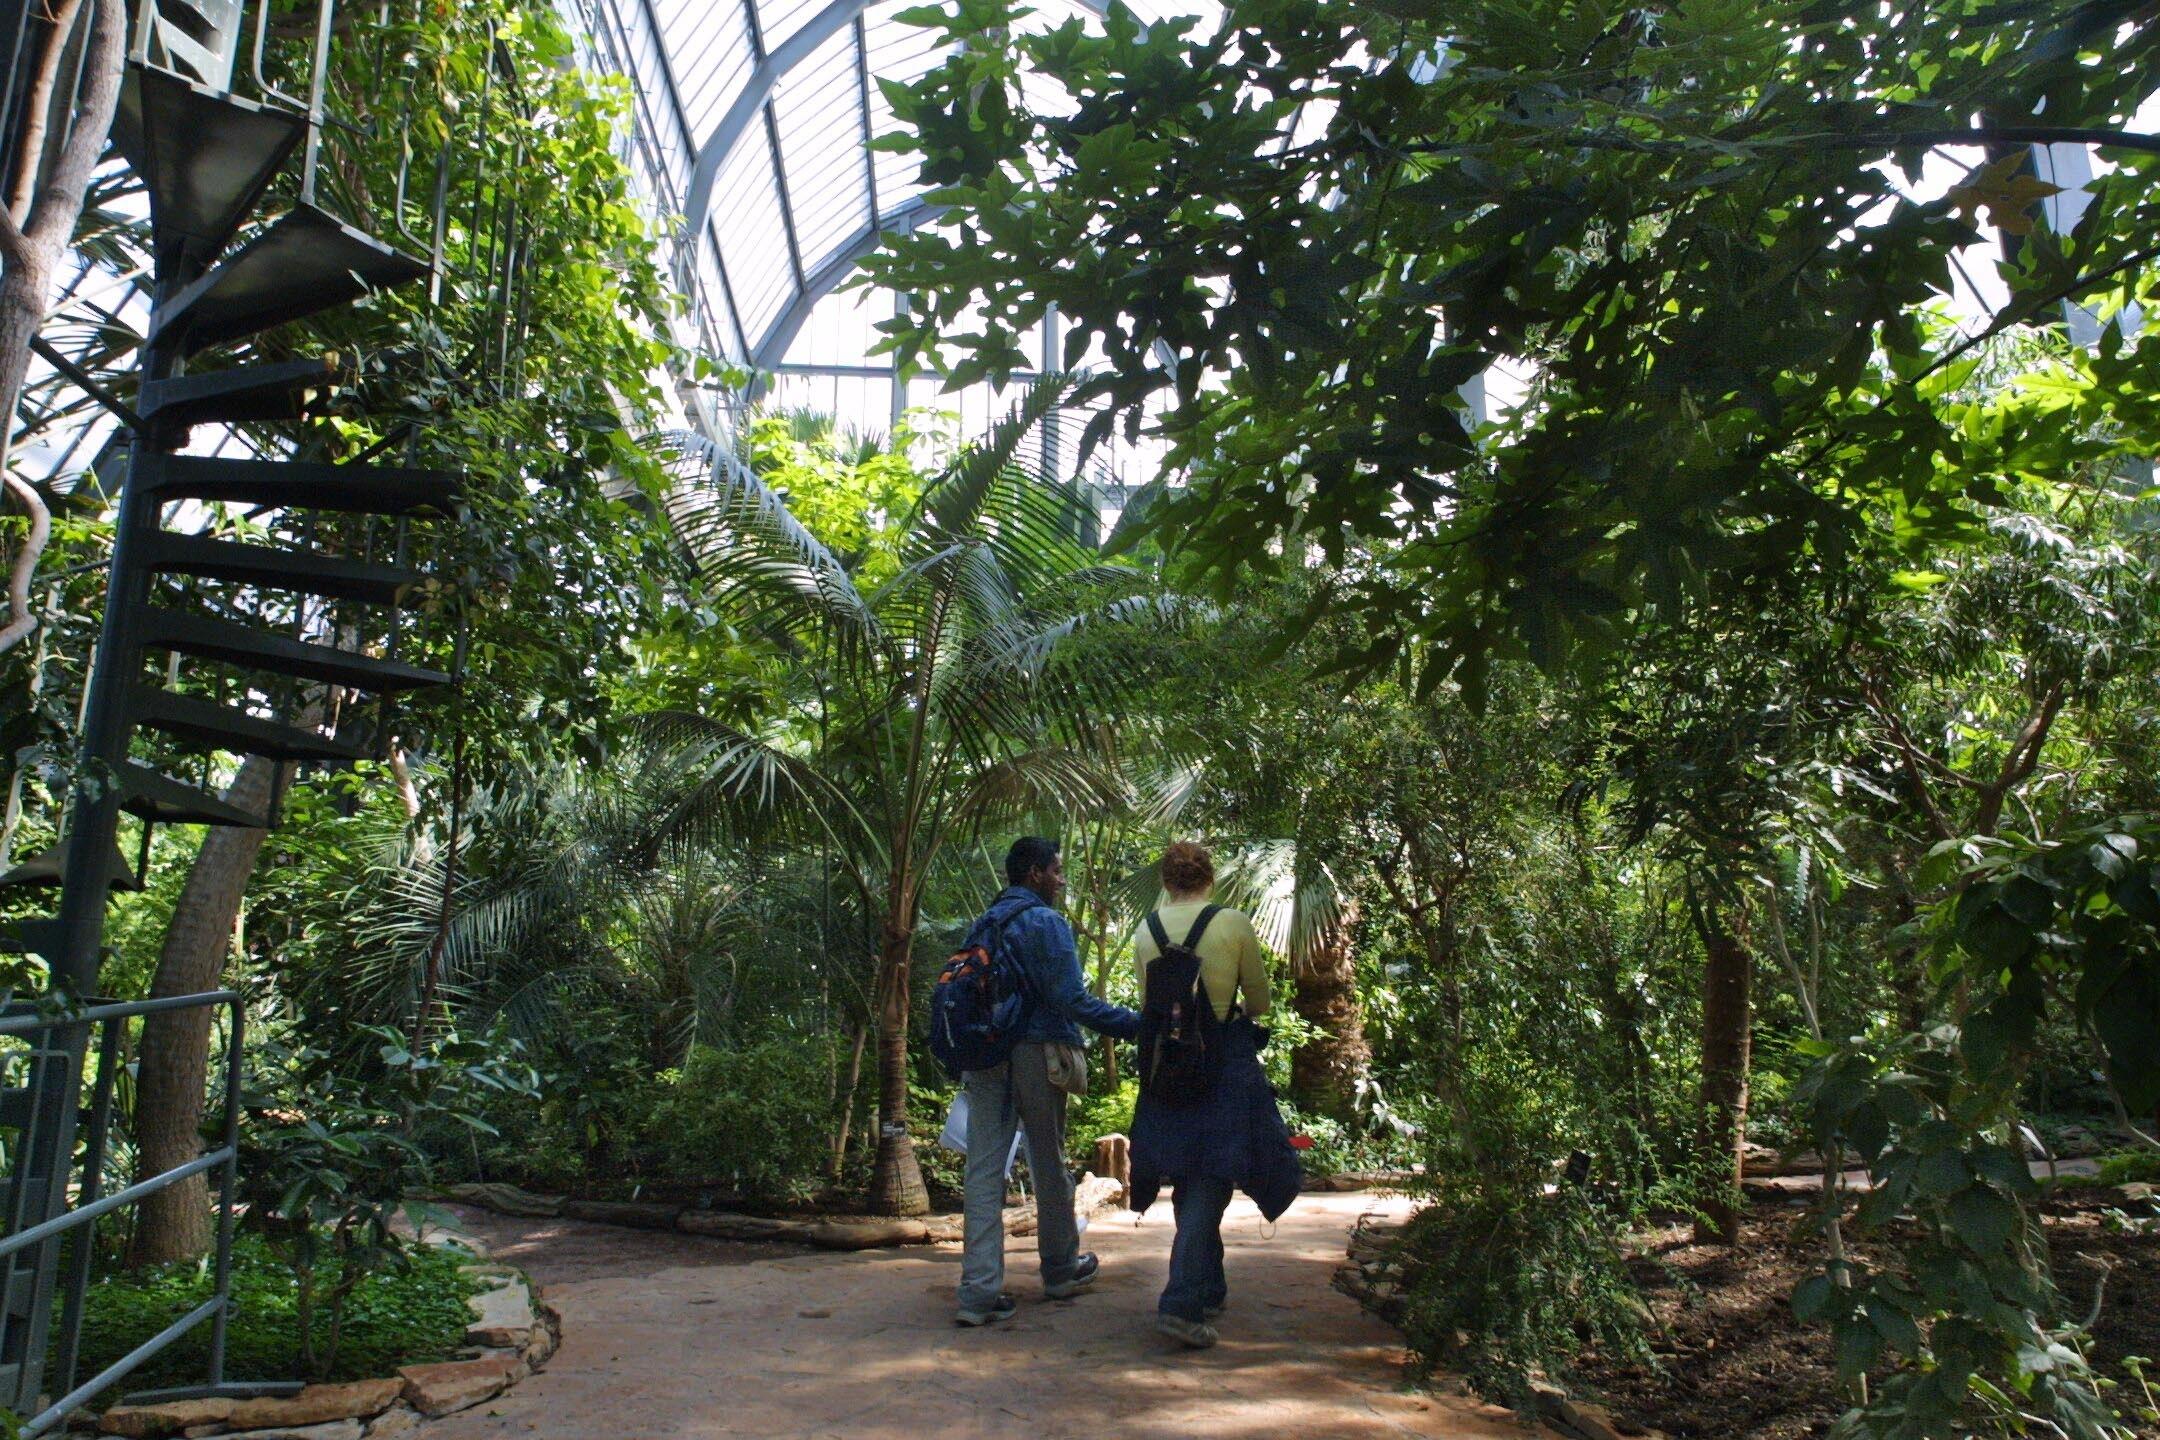 Photographes en rh ne alpes les grandes serres et le jardin botanique du pa - Les serres de jardin ...